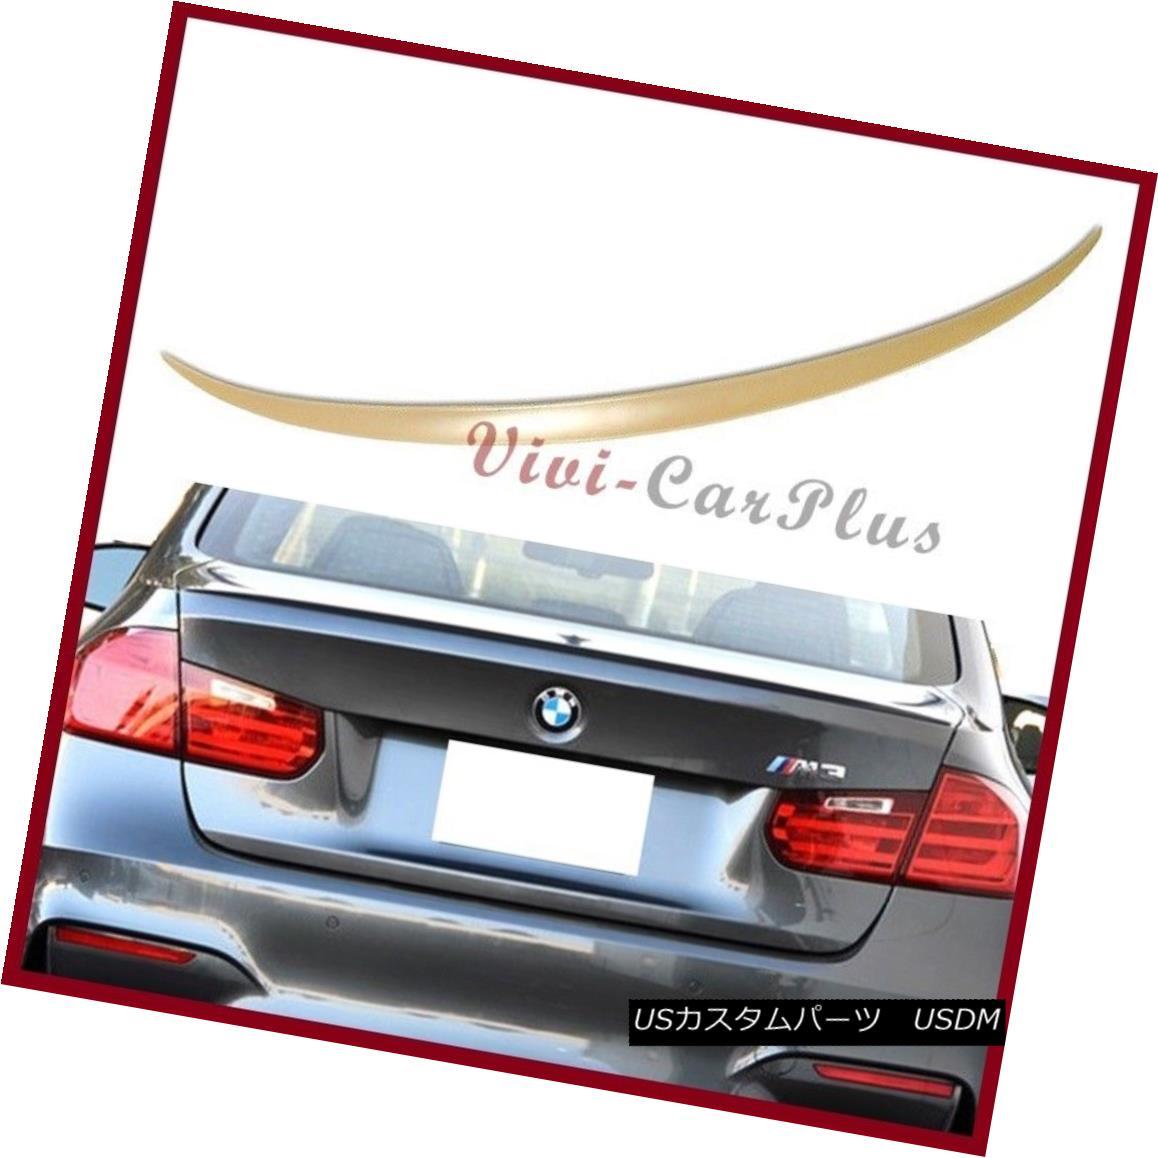 エアロパーツ UNPAINTED 2015-2016 BMW F80 M3 Sedan 4D M3 Look Wing Trunk Rear Spoiler Tail Lip UNPAINTED 2015-2016 BMW F80 M3セダン4D M3ルックウィングトランクリアスポイラーテールリップ